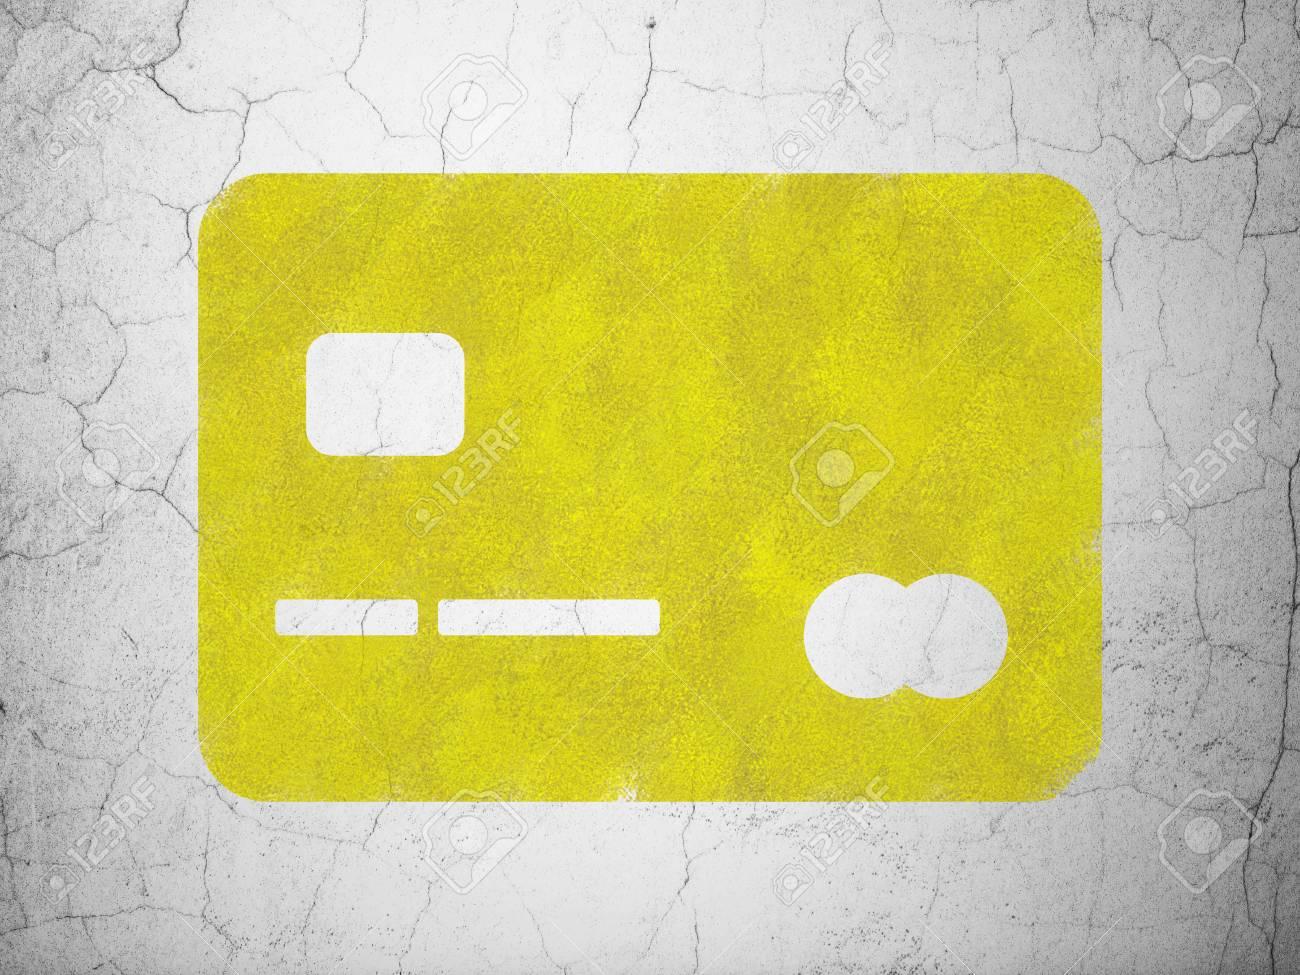 Carte Bancaire Jaune.Concept Bancaire Carte De Credit Jaune Sur Fond De Mur En Beton Texture